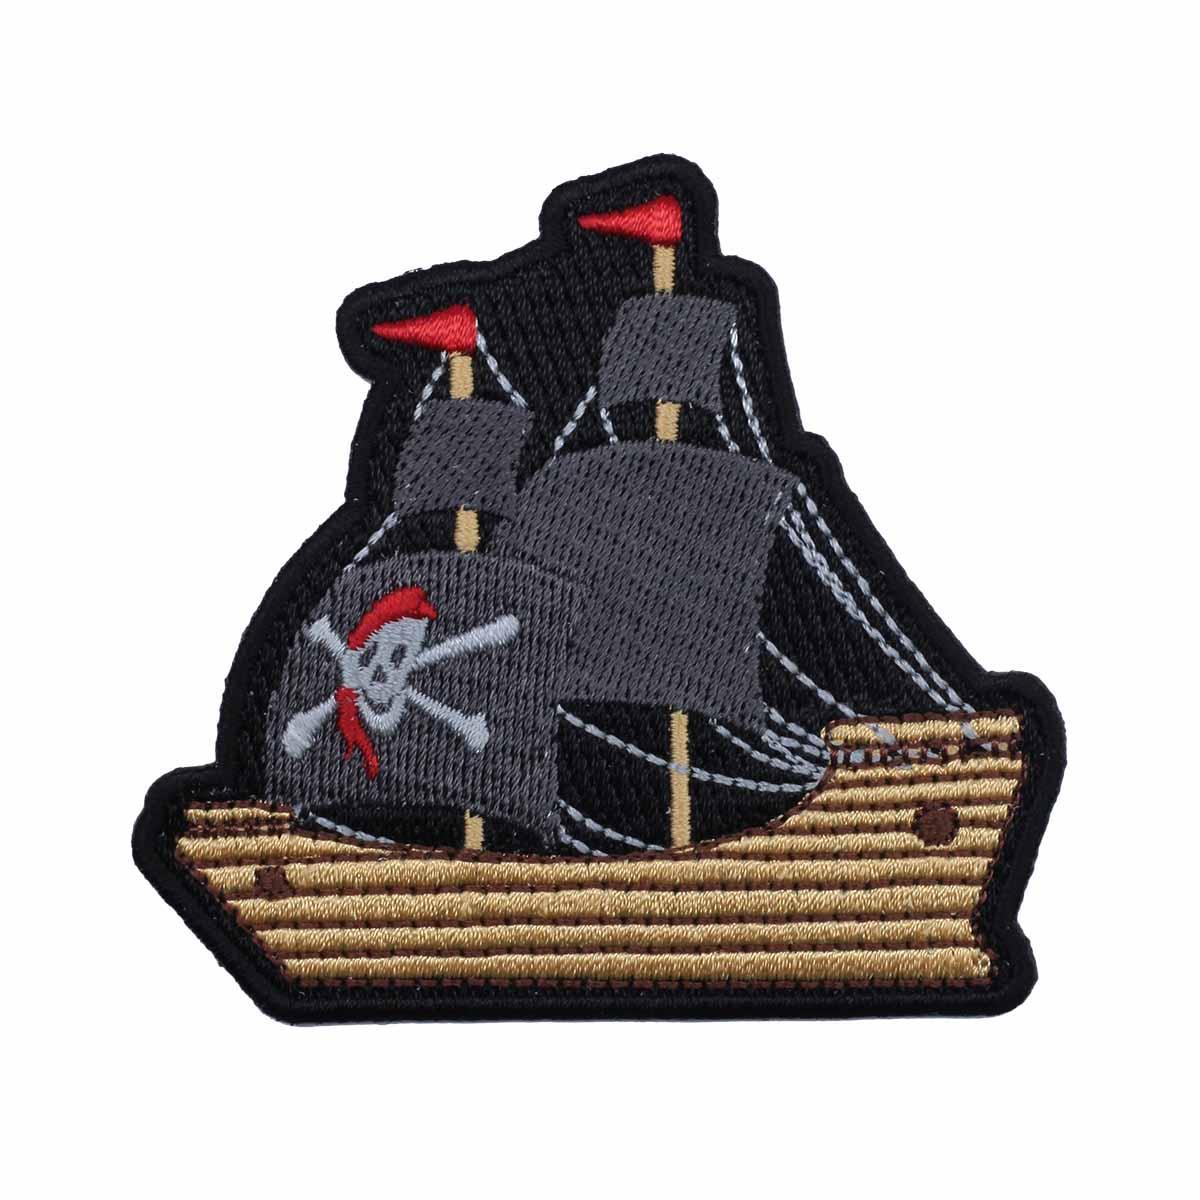 Термоаппликация 'Пиратский корабль' 7*7,5см Hobby&Pro